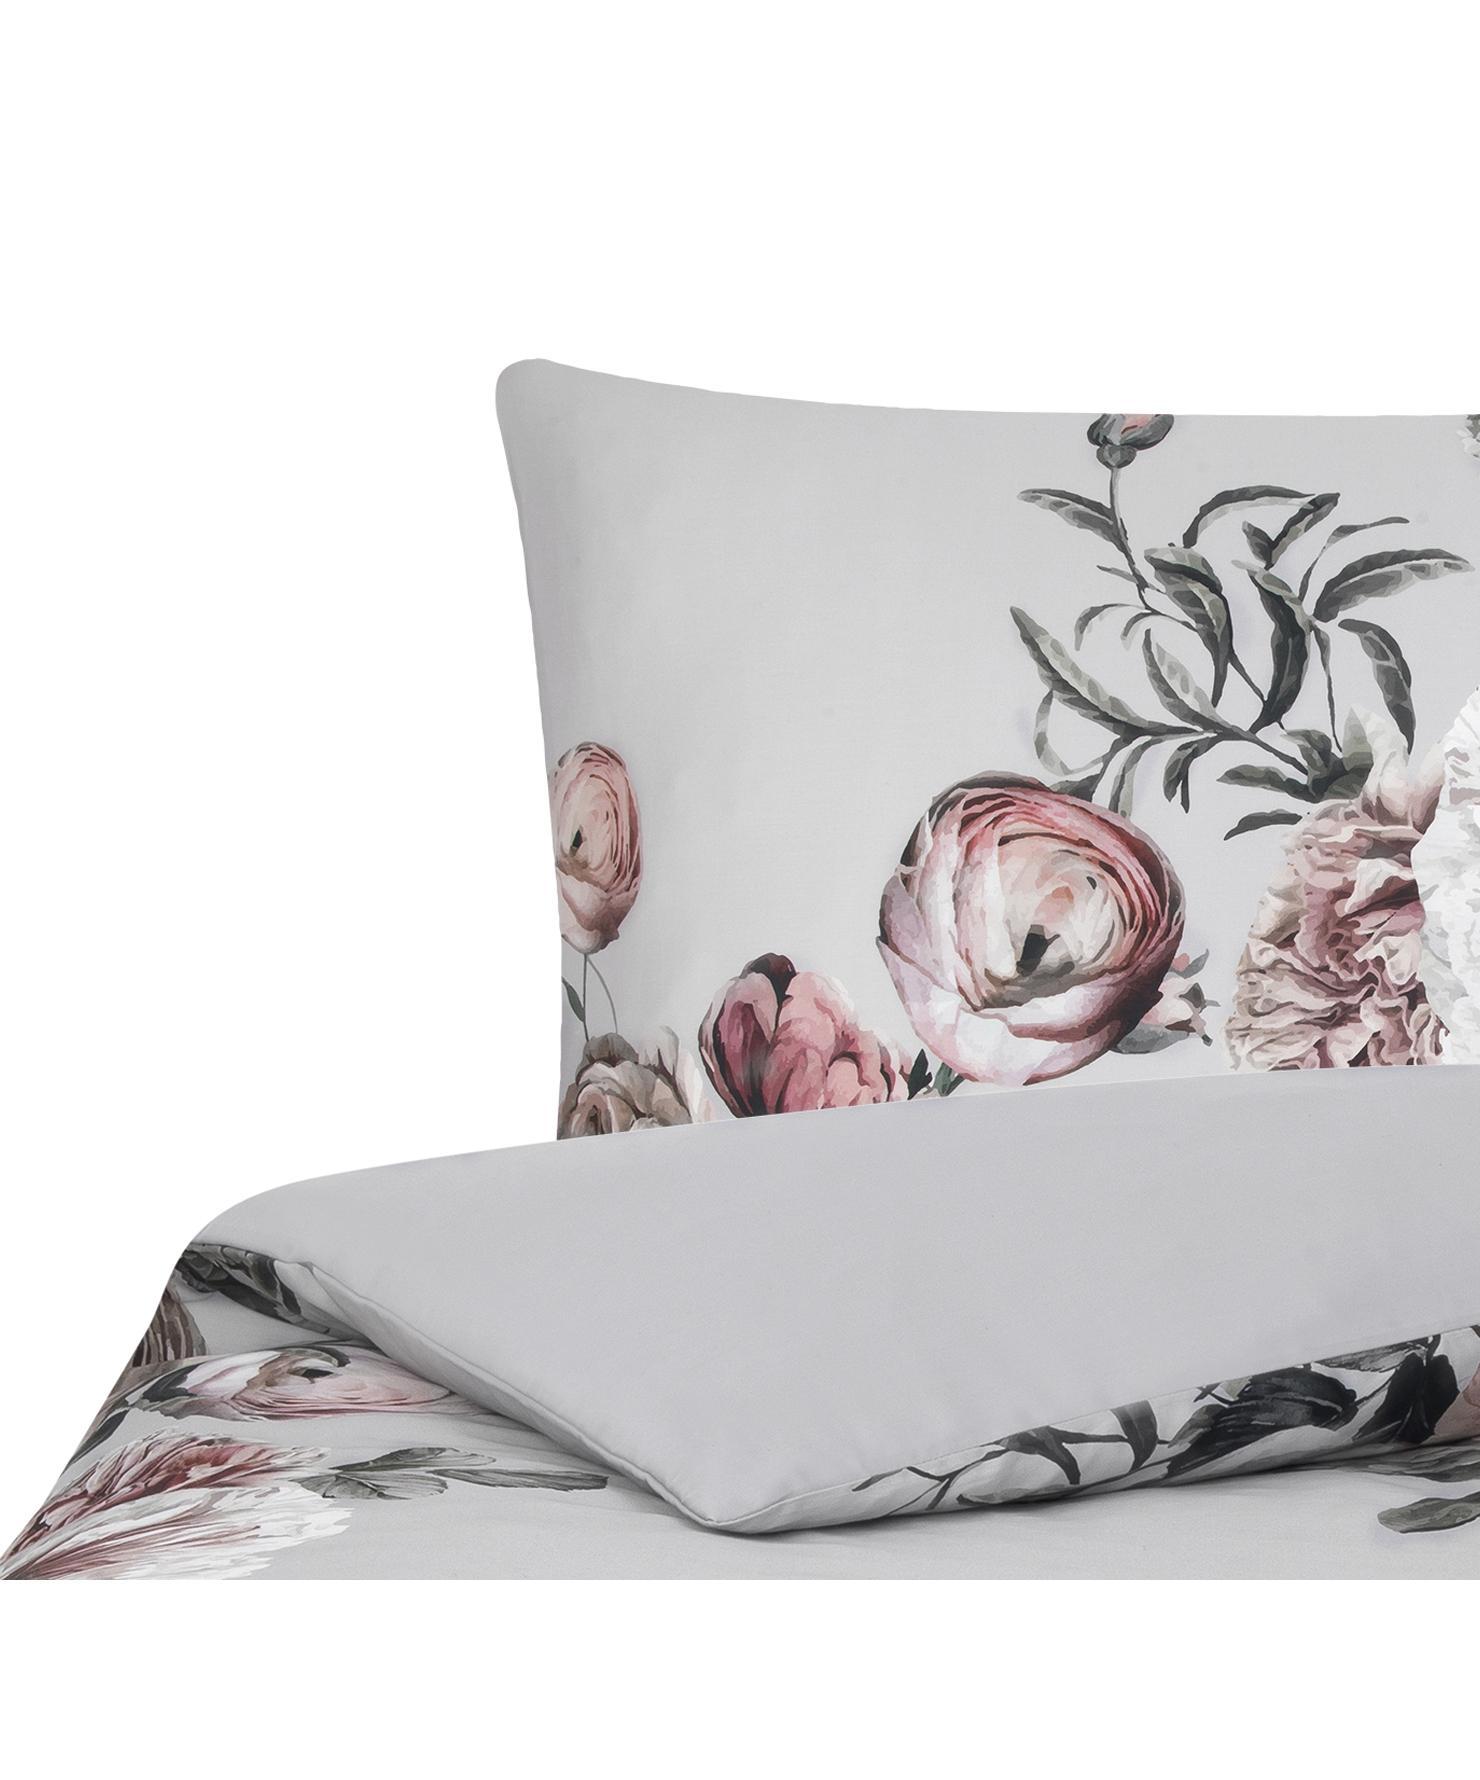 Baumwollsatin-Bettwäsche Blossom mit Blumen-Print, Webart: Satin Fadendichte 210 TC,, Mehrfarbig, Grau, 155 x 220 cm + 1 Kissen 80 x 80 cm